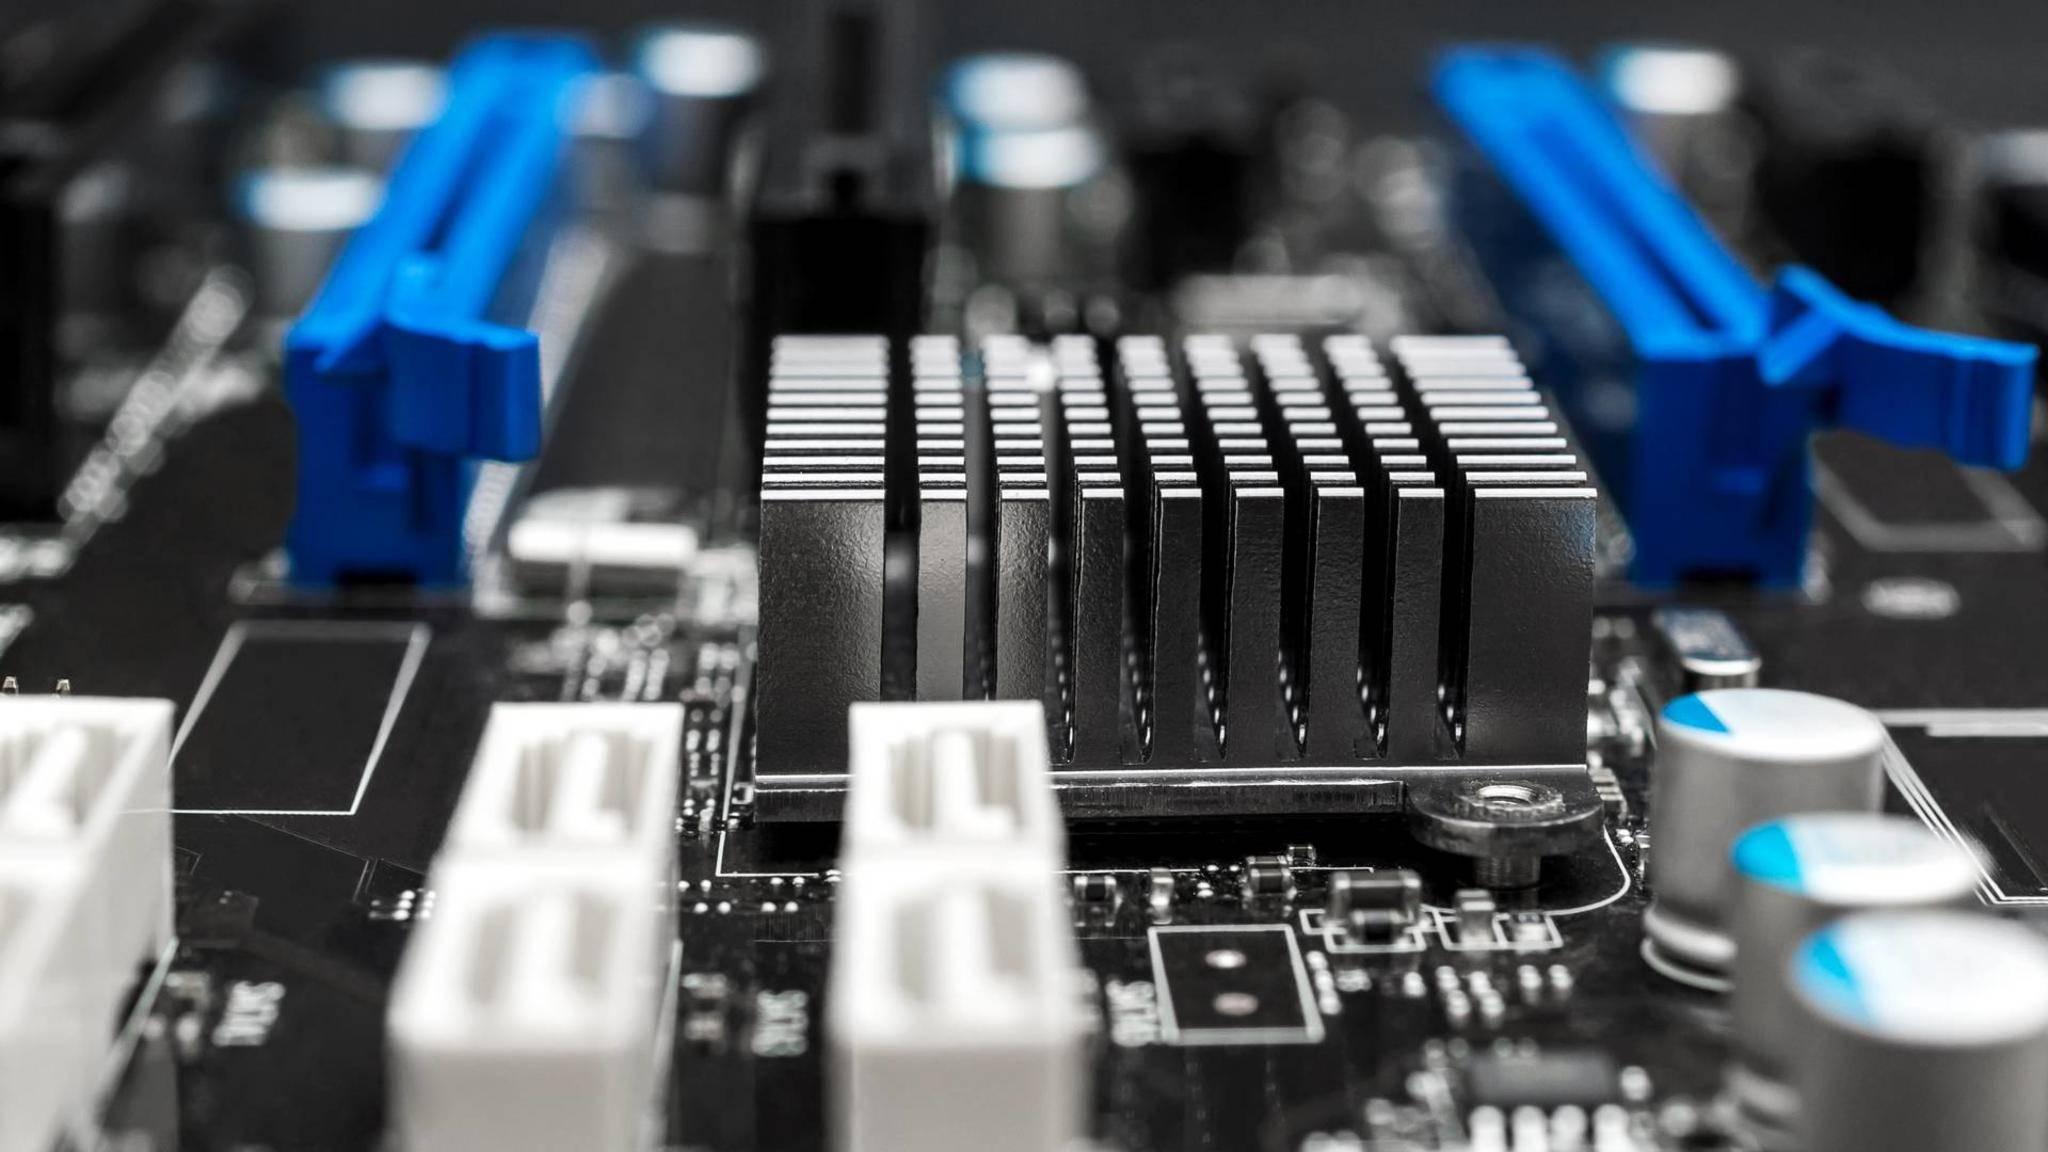 Du kannst leicht herausfinden, welches Mainboard in deinem Rechner steckt.